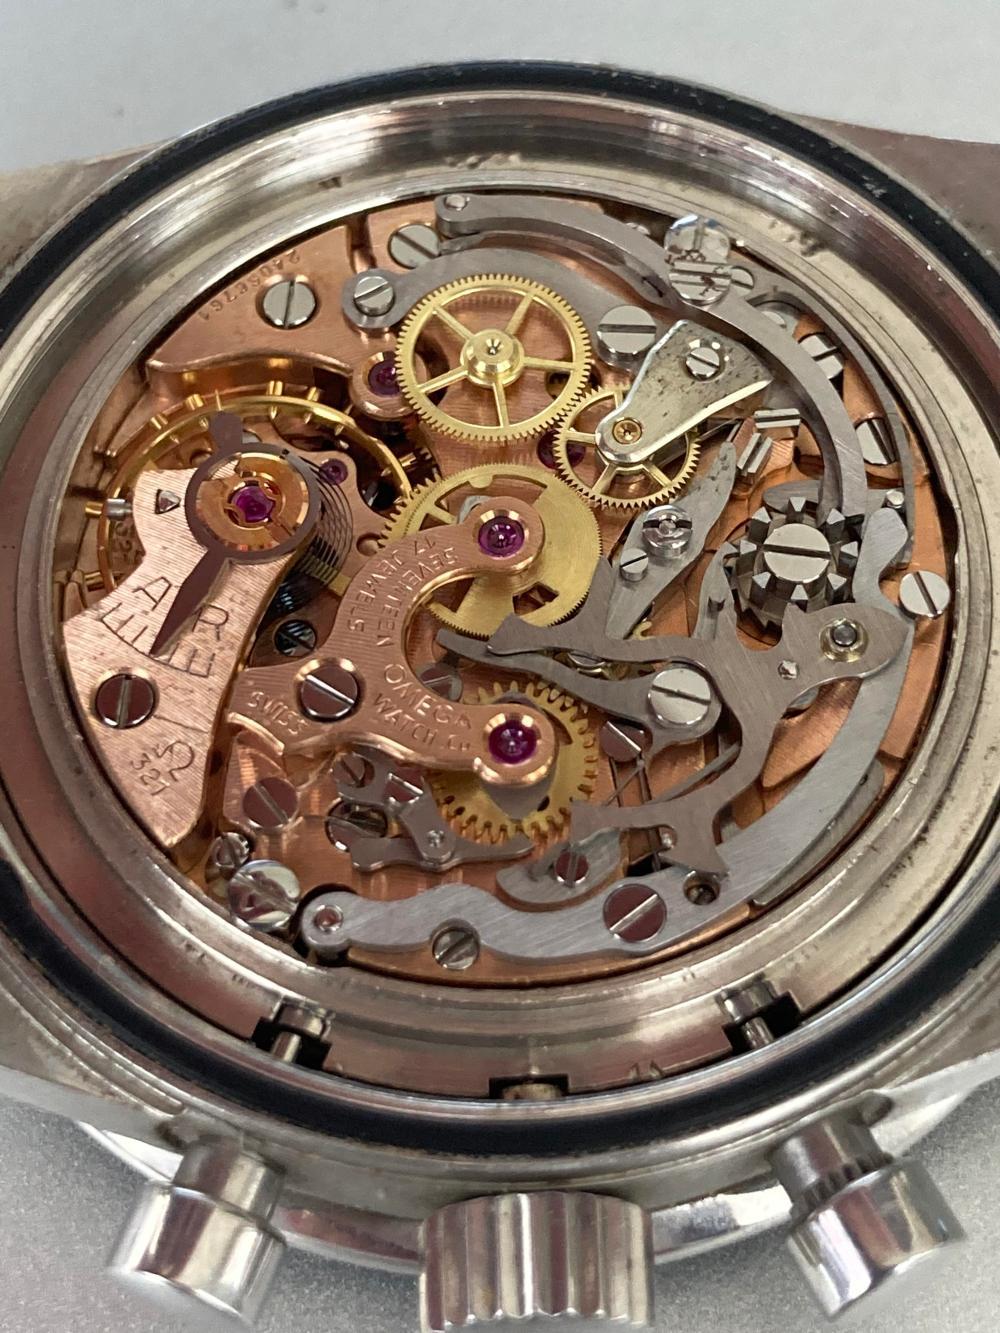 Omega: a pre-moon steel wrist watch